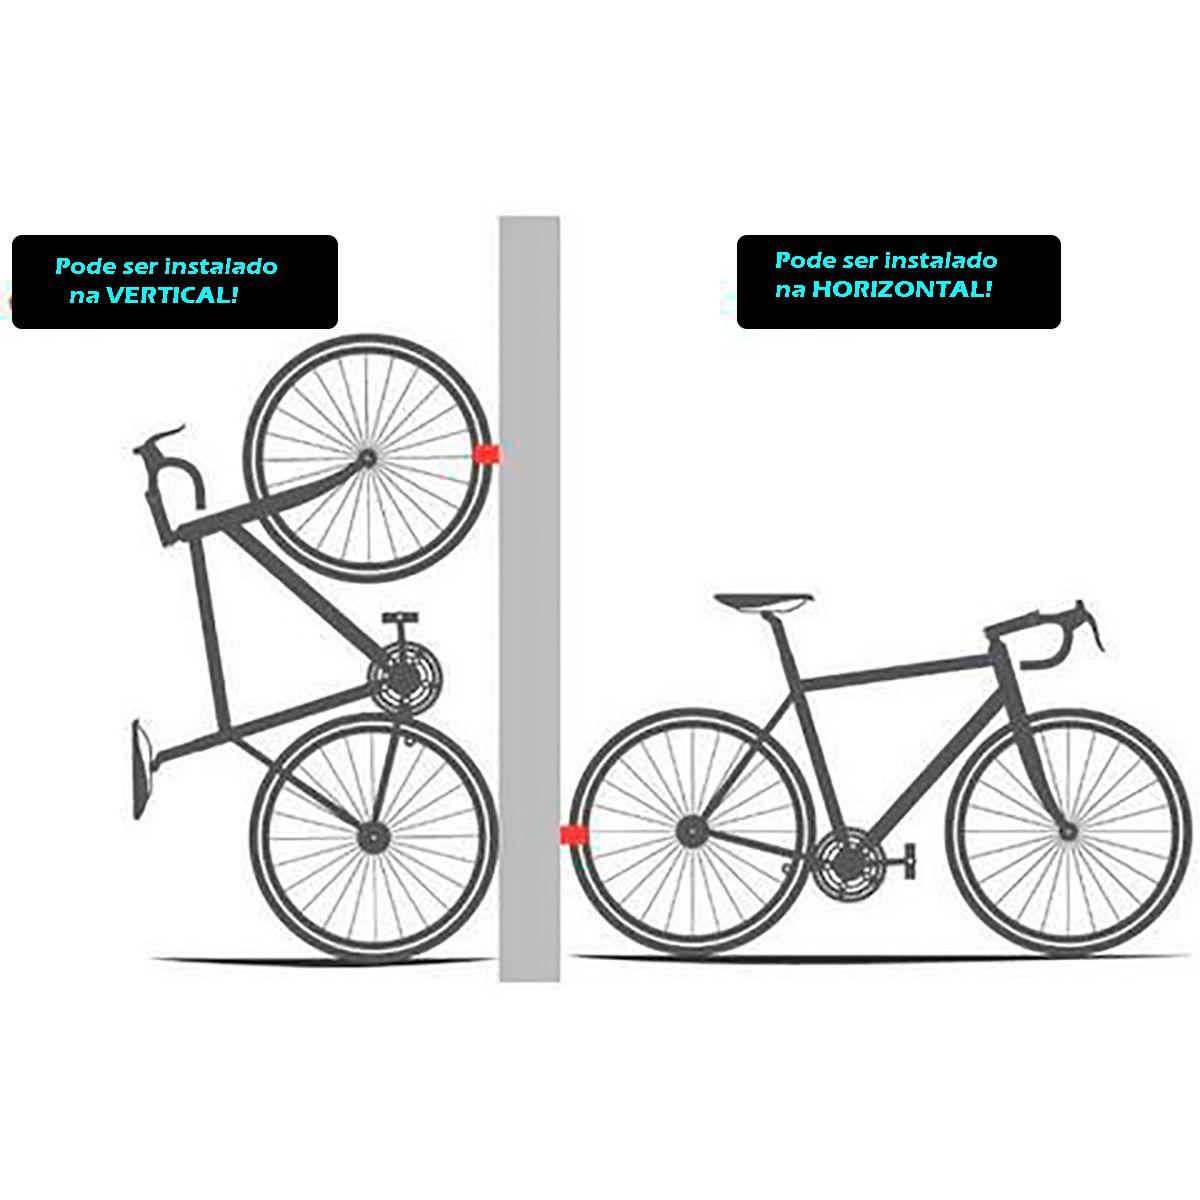 Suporte Parede Clug Bicicleta Híbrida / Urbana - O Menor Suporte de Bicicleta do Mundo